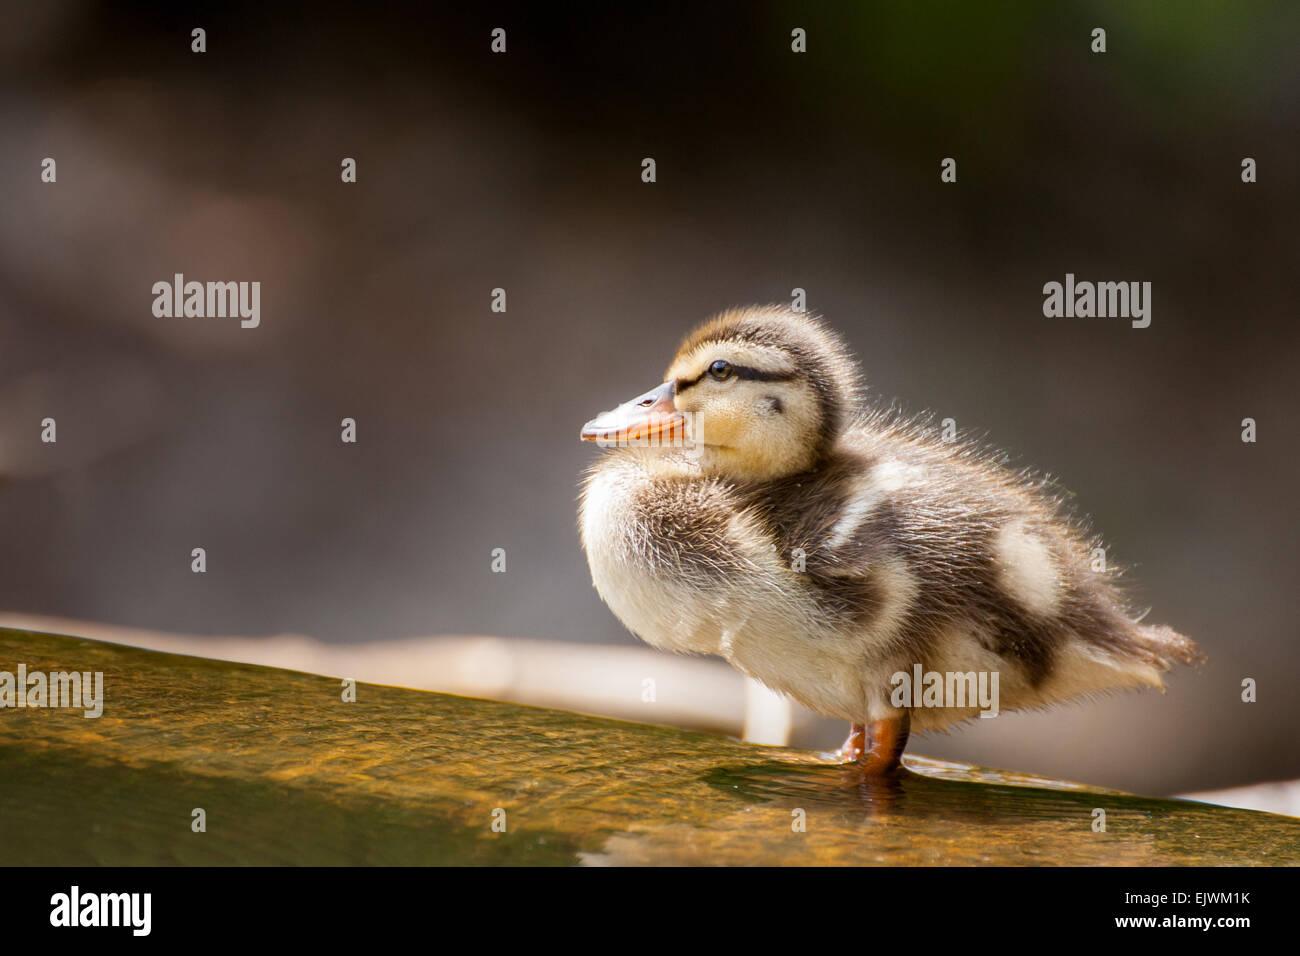 Un Pato Patito vadeando en la superficialidad. Imagen De Stock